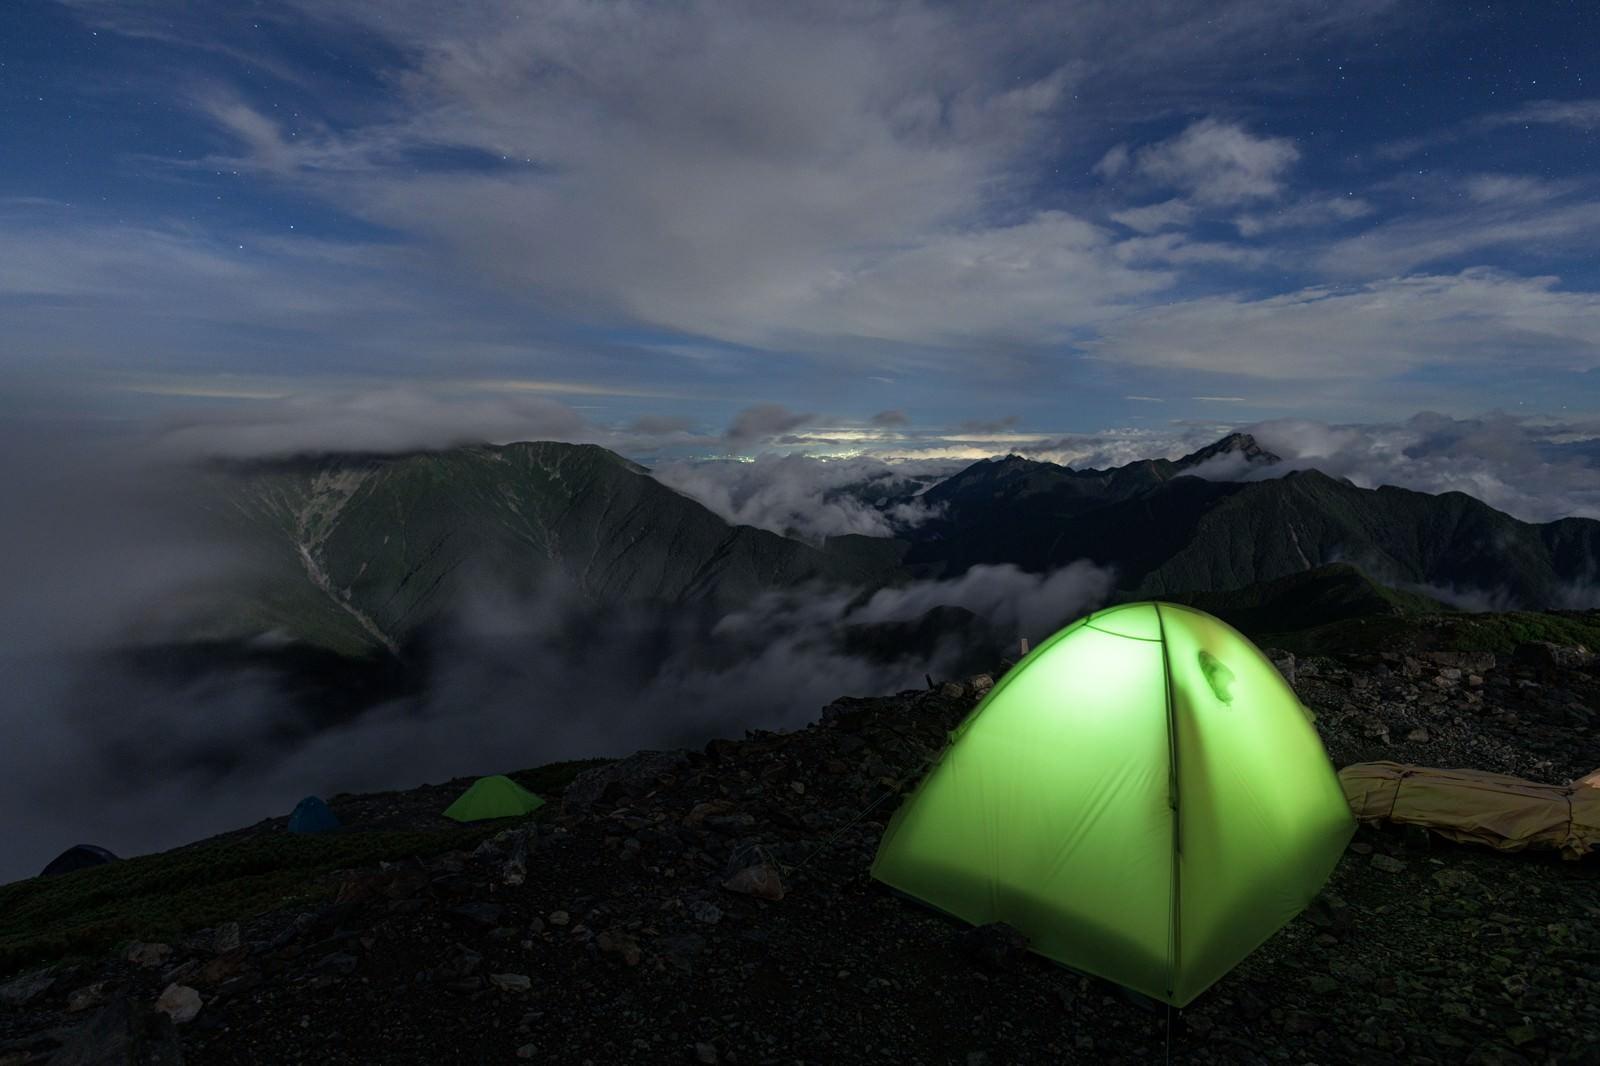 「仙丈ヶ岳とテントの灯り」の写真